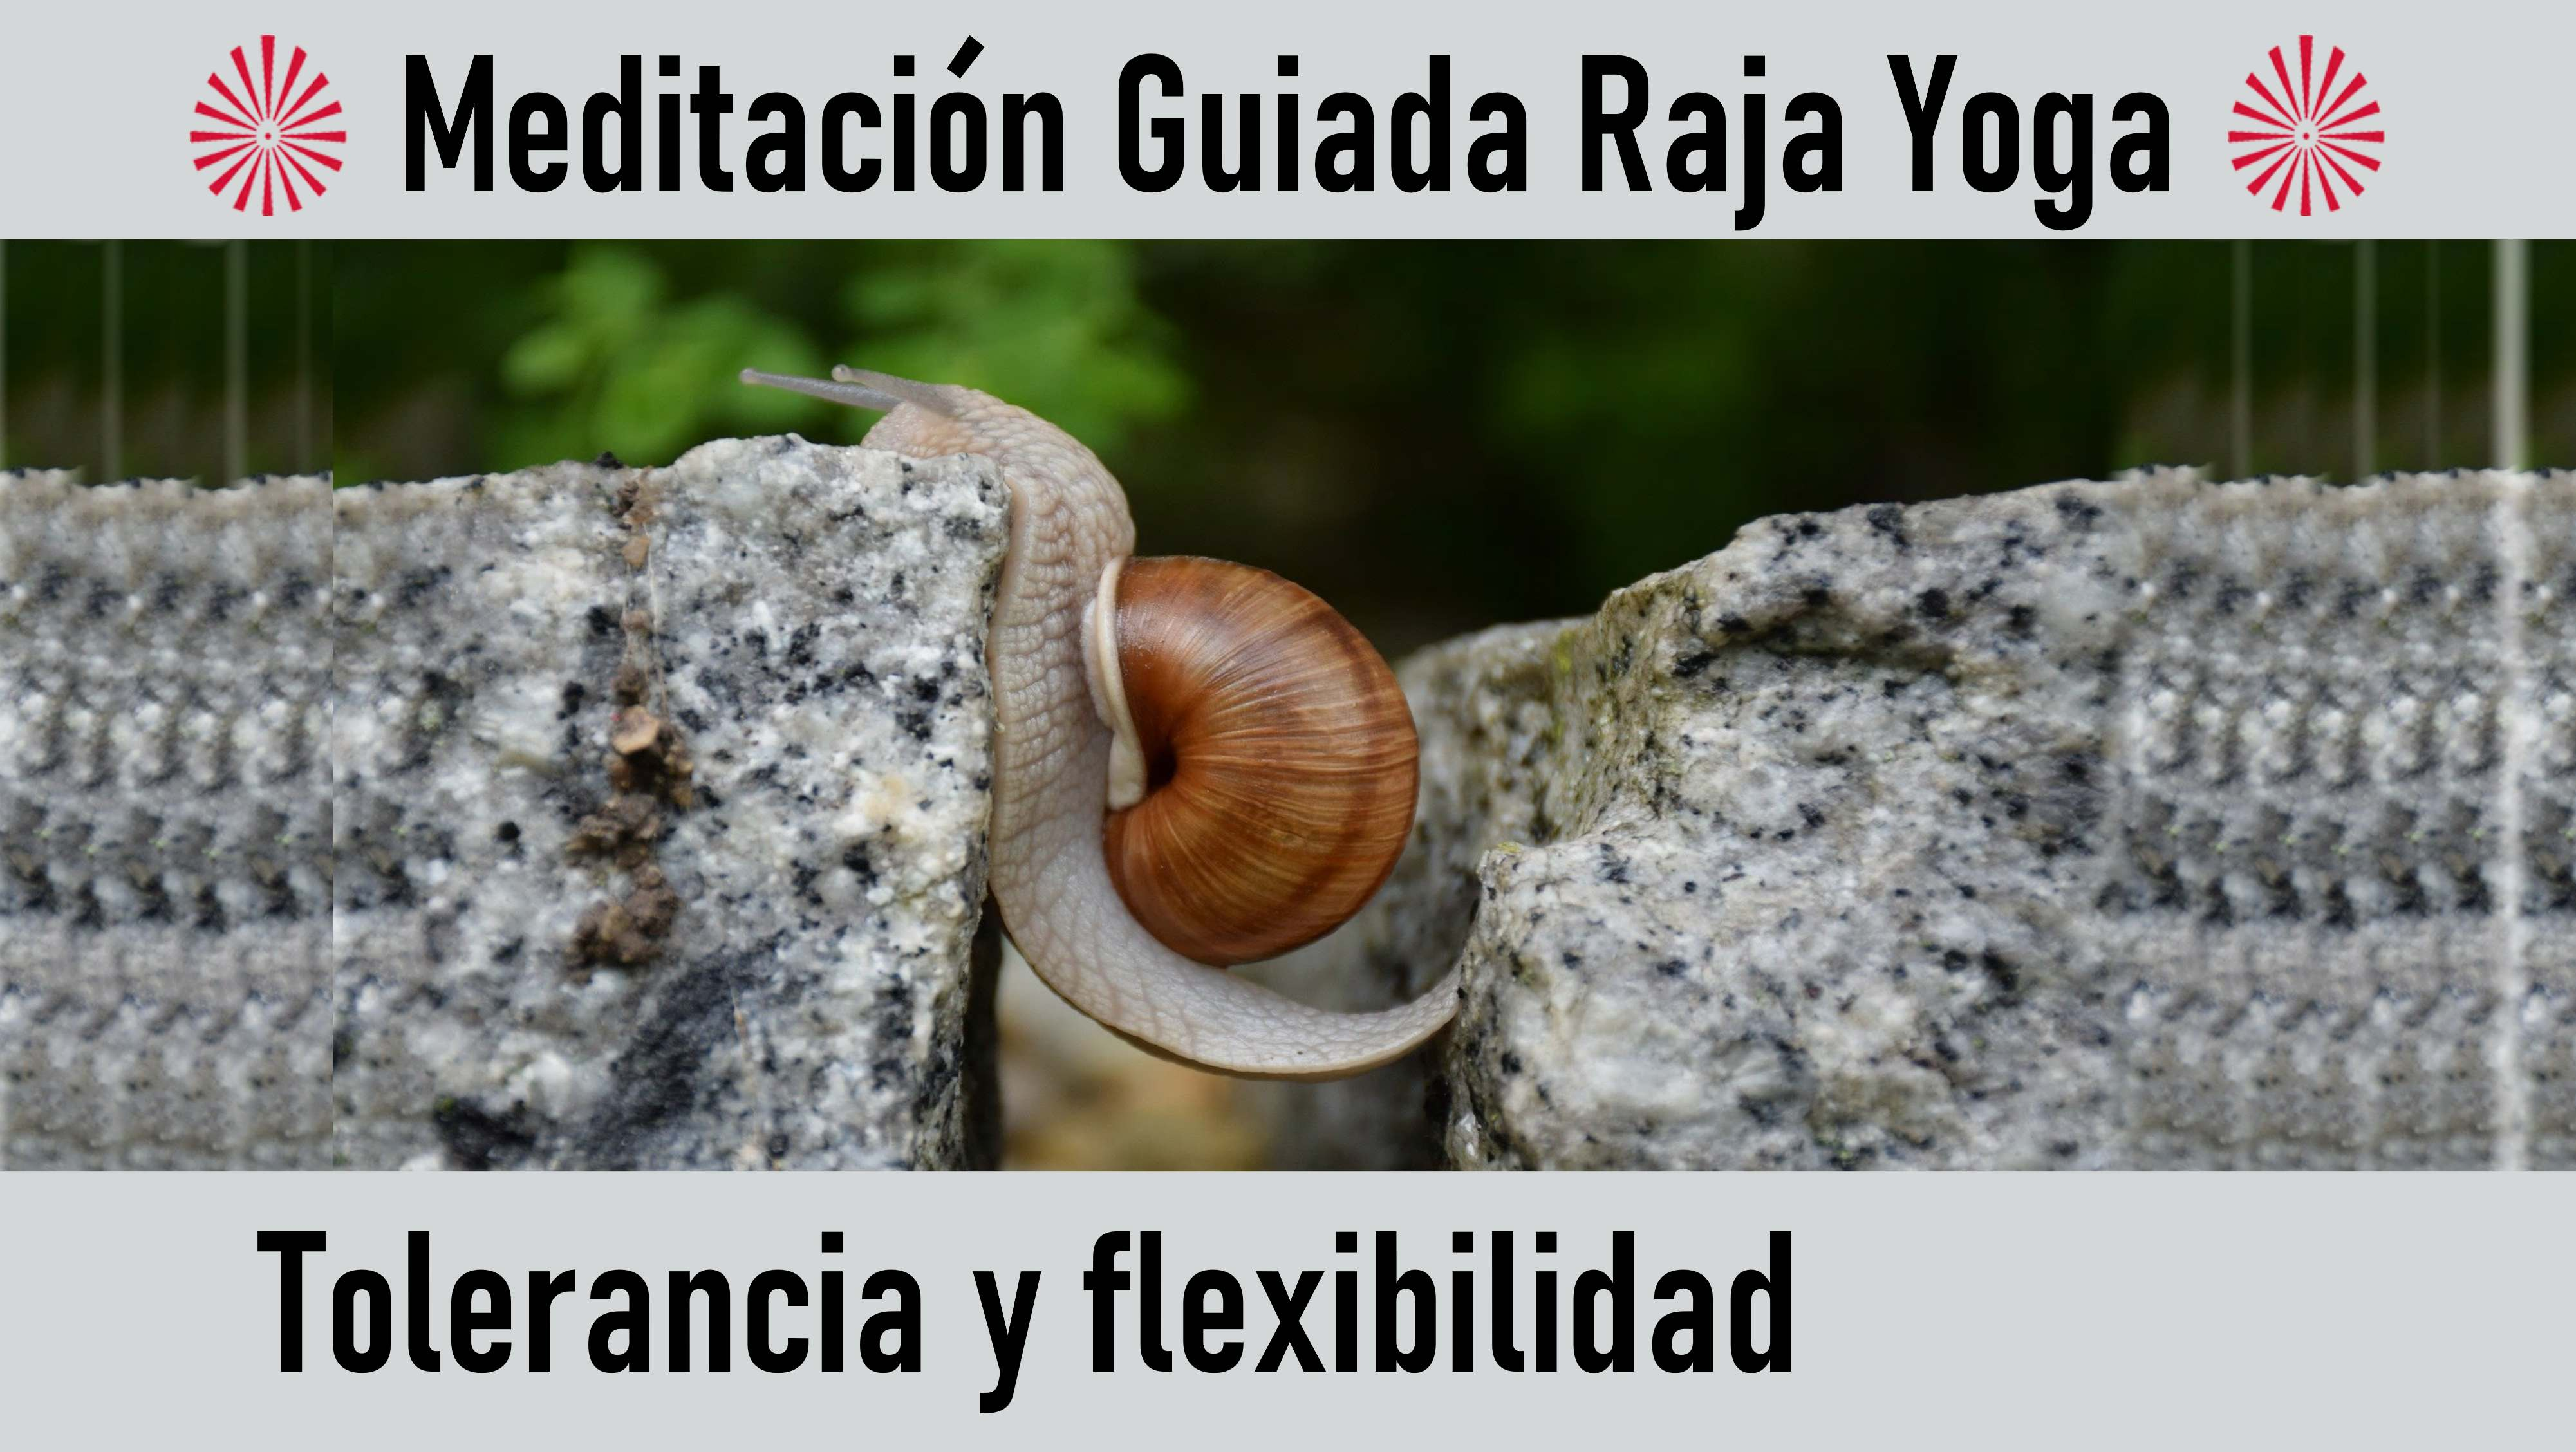 Meditación Raja Yoga: Tolerancia y flexibilidad (18 Agosto 2020) On-line desde Madrid